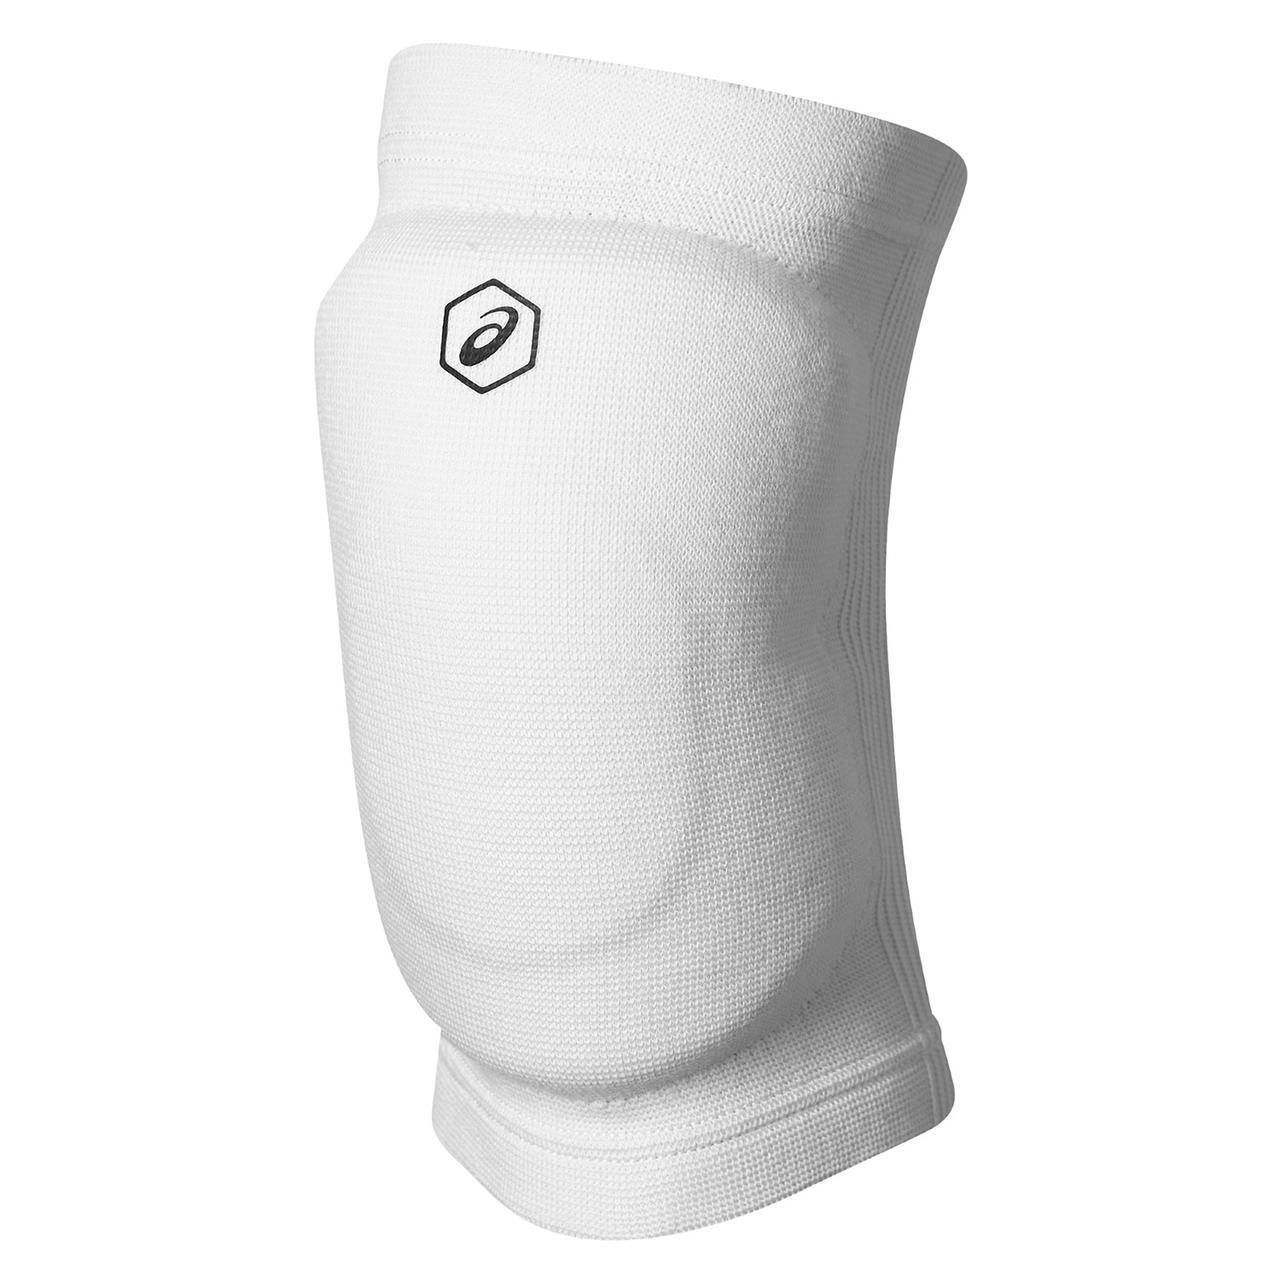 Волейбольные наколенники AsicsGelKneepad 146815-0001 Белый Размер L (8718837133601)